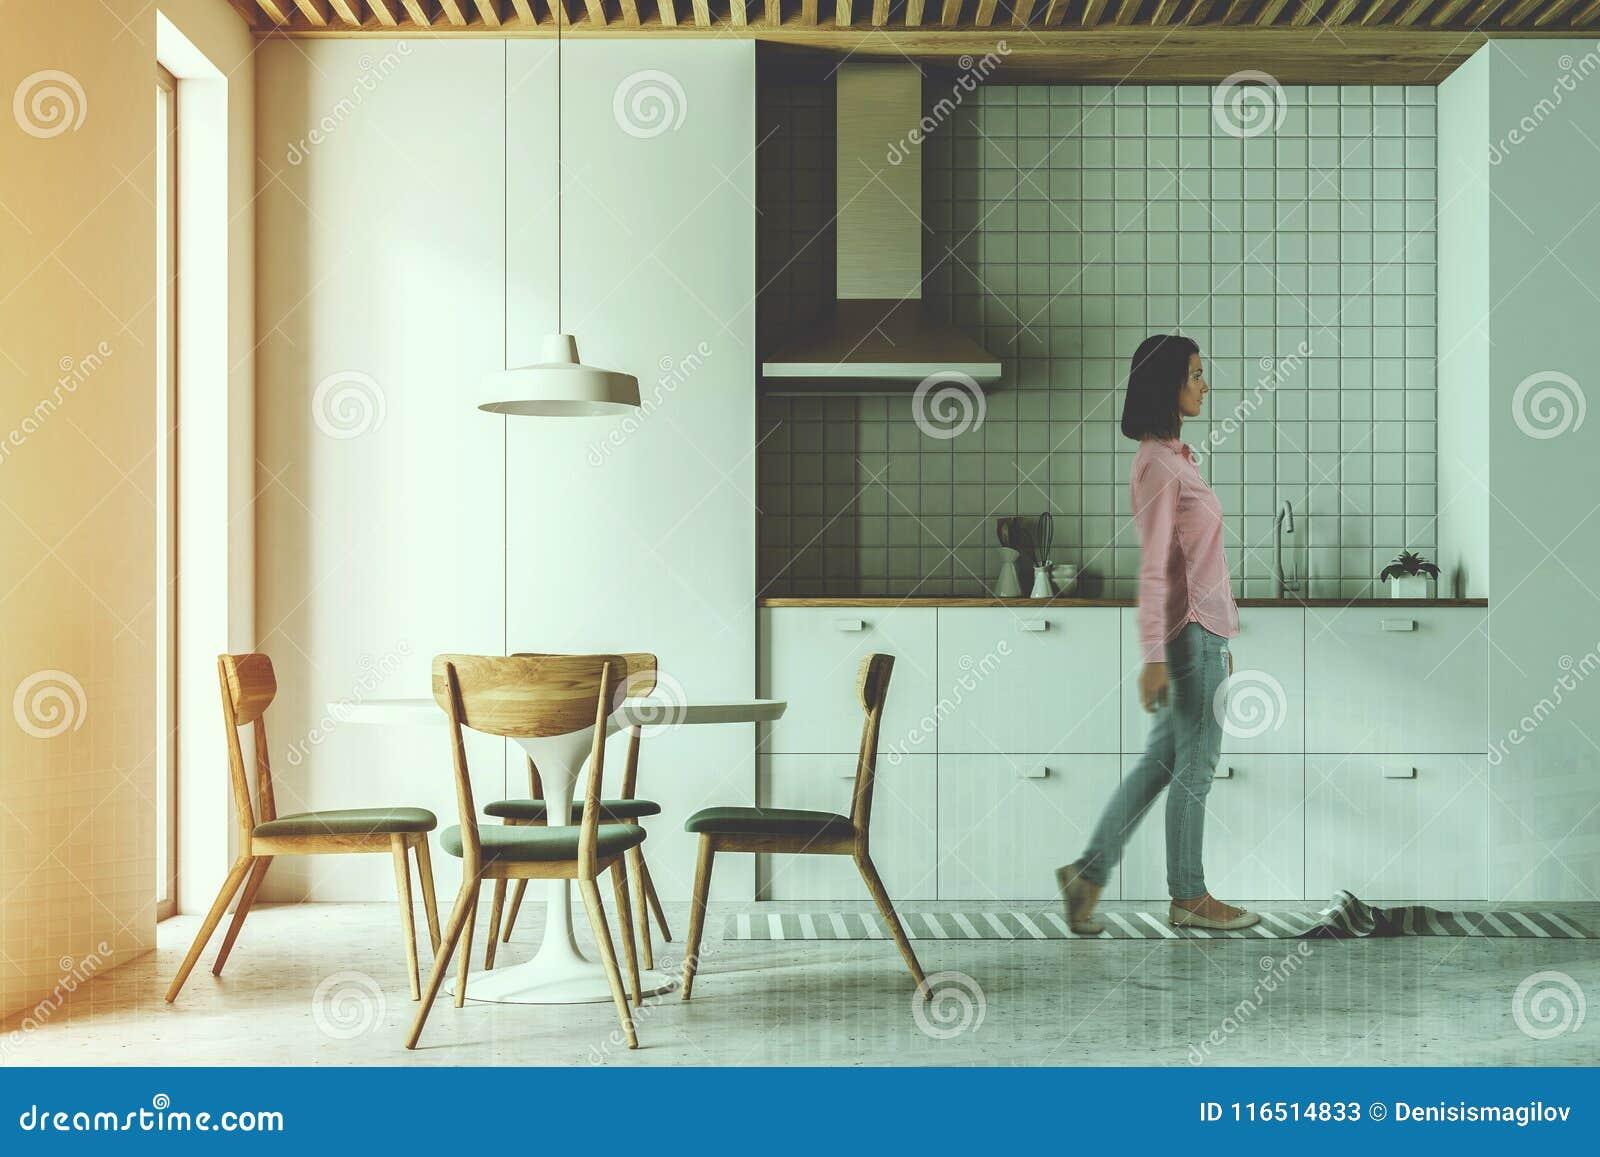 Cocina, Sillas Modernas Y Tabla Blancas Entonadas Imagen de ...